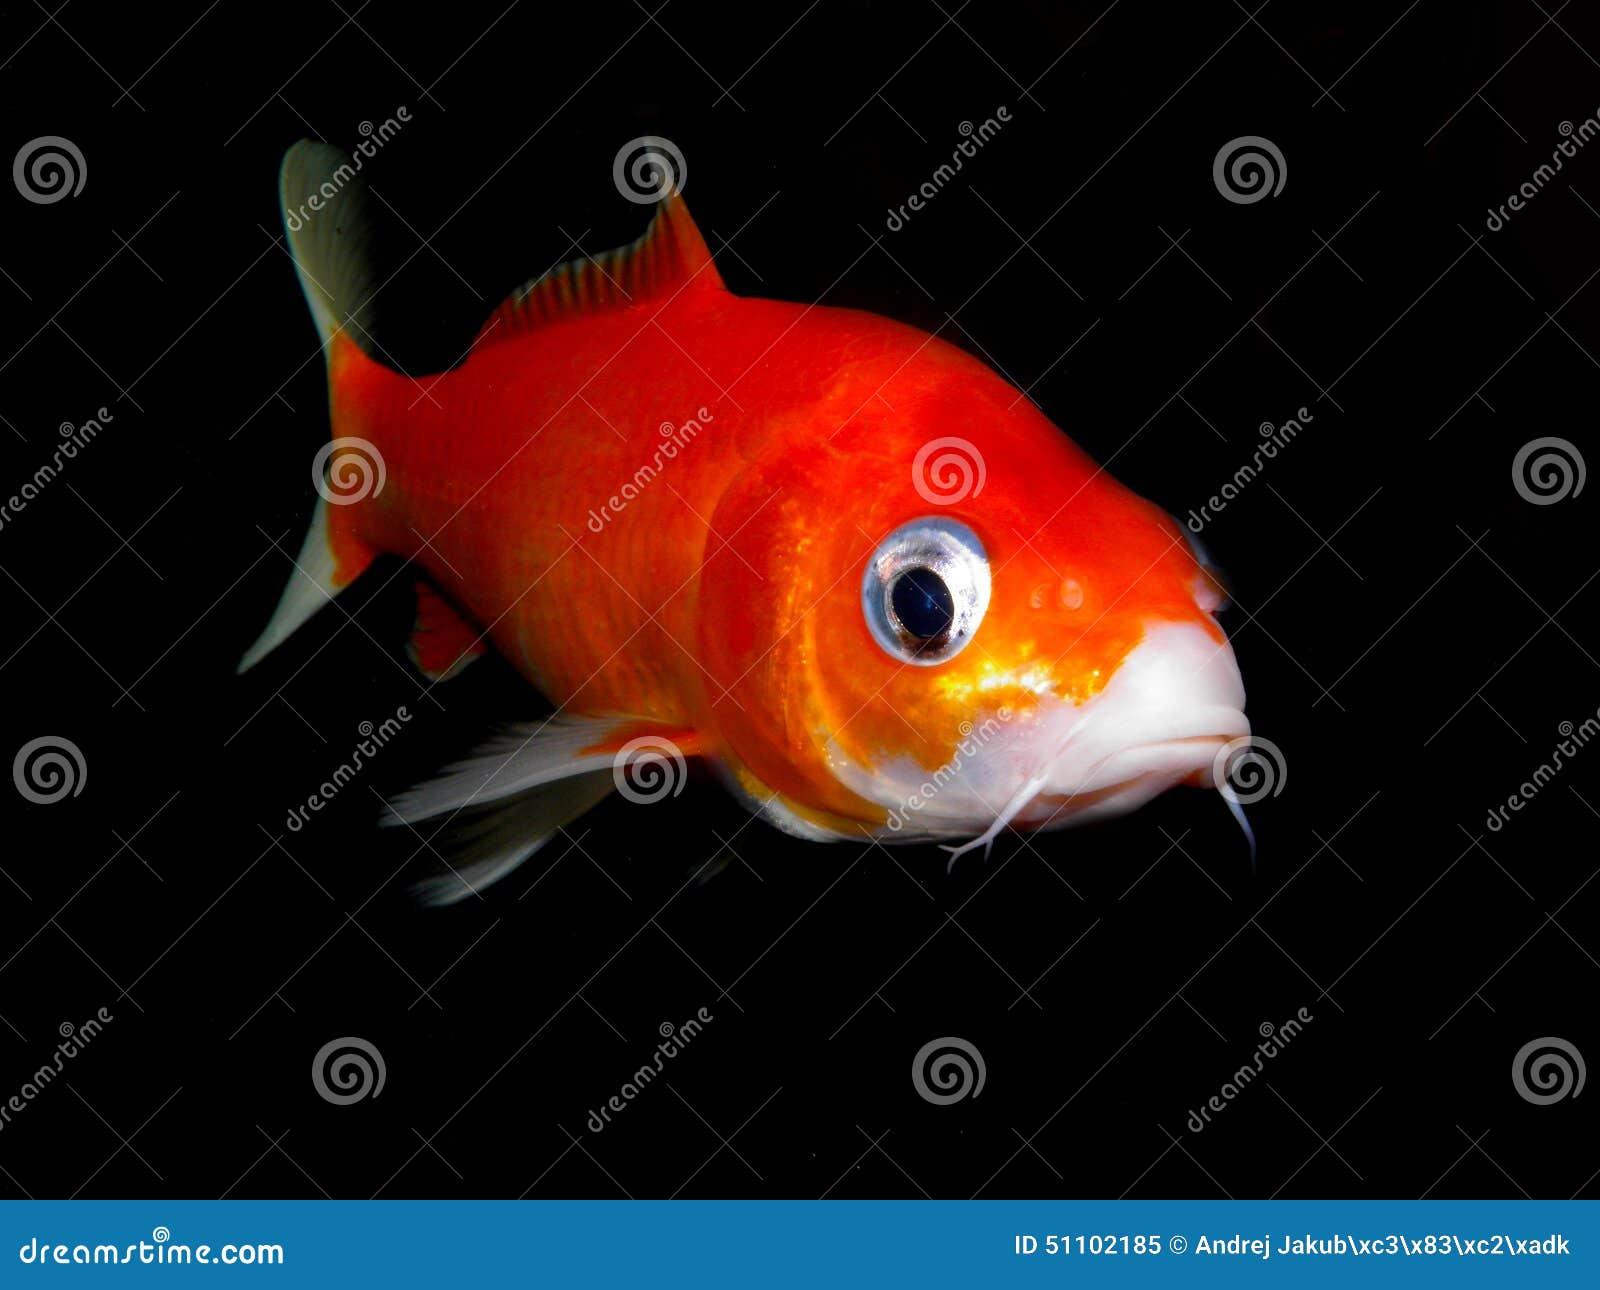 Fish for asian aquarium - Aquarium Fish From Asia Goldfish